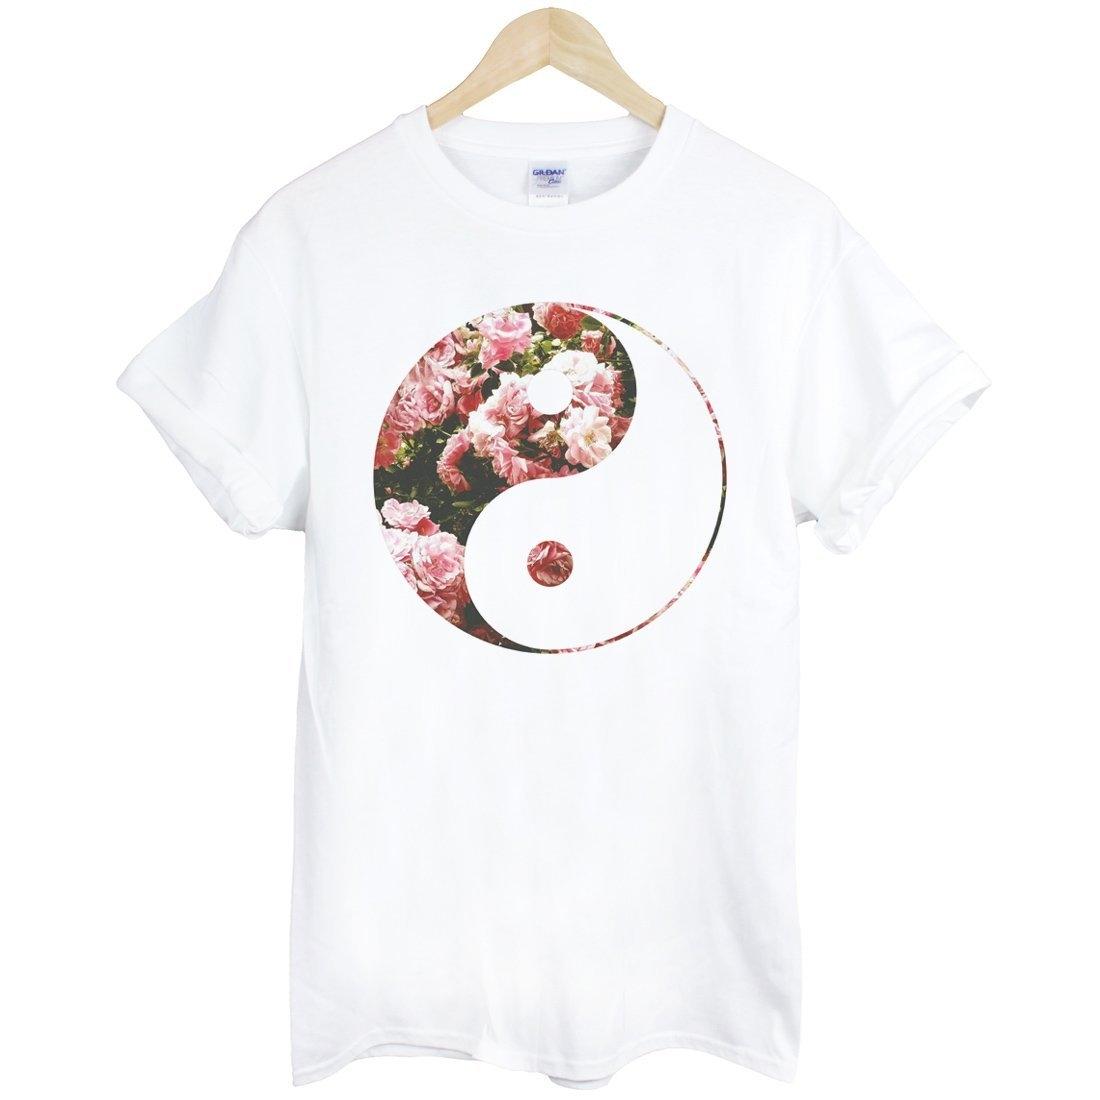 Ying Yang-Flower短袖T恤-白色 陰陽 太極 花 銀河系 三角形 宇宙 文青 時尚 設計 自創 品牌 時髦